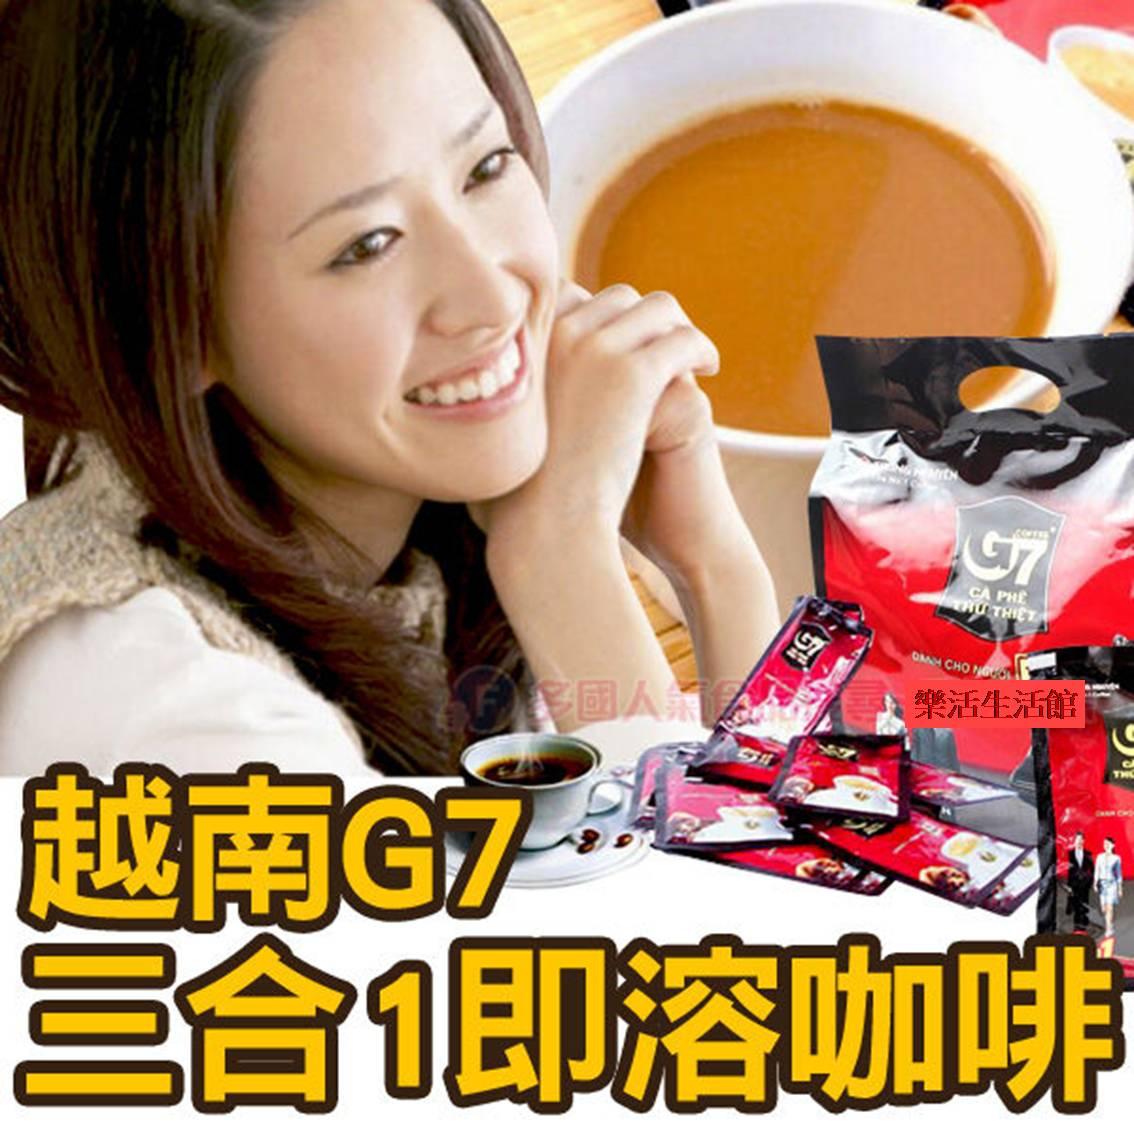 越南G7三合一即溶咖啡 16g單包  【樂活生活館】